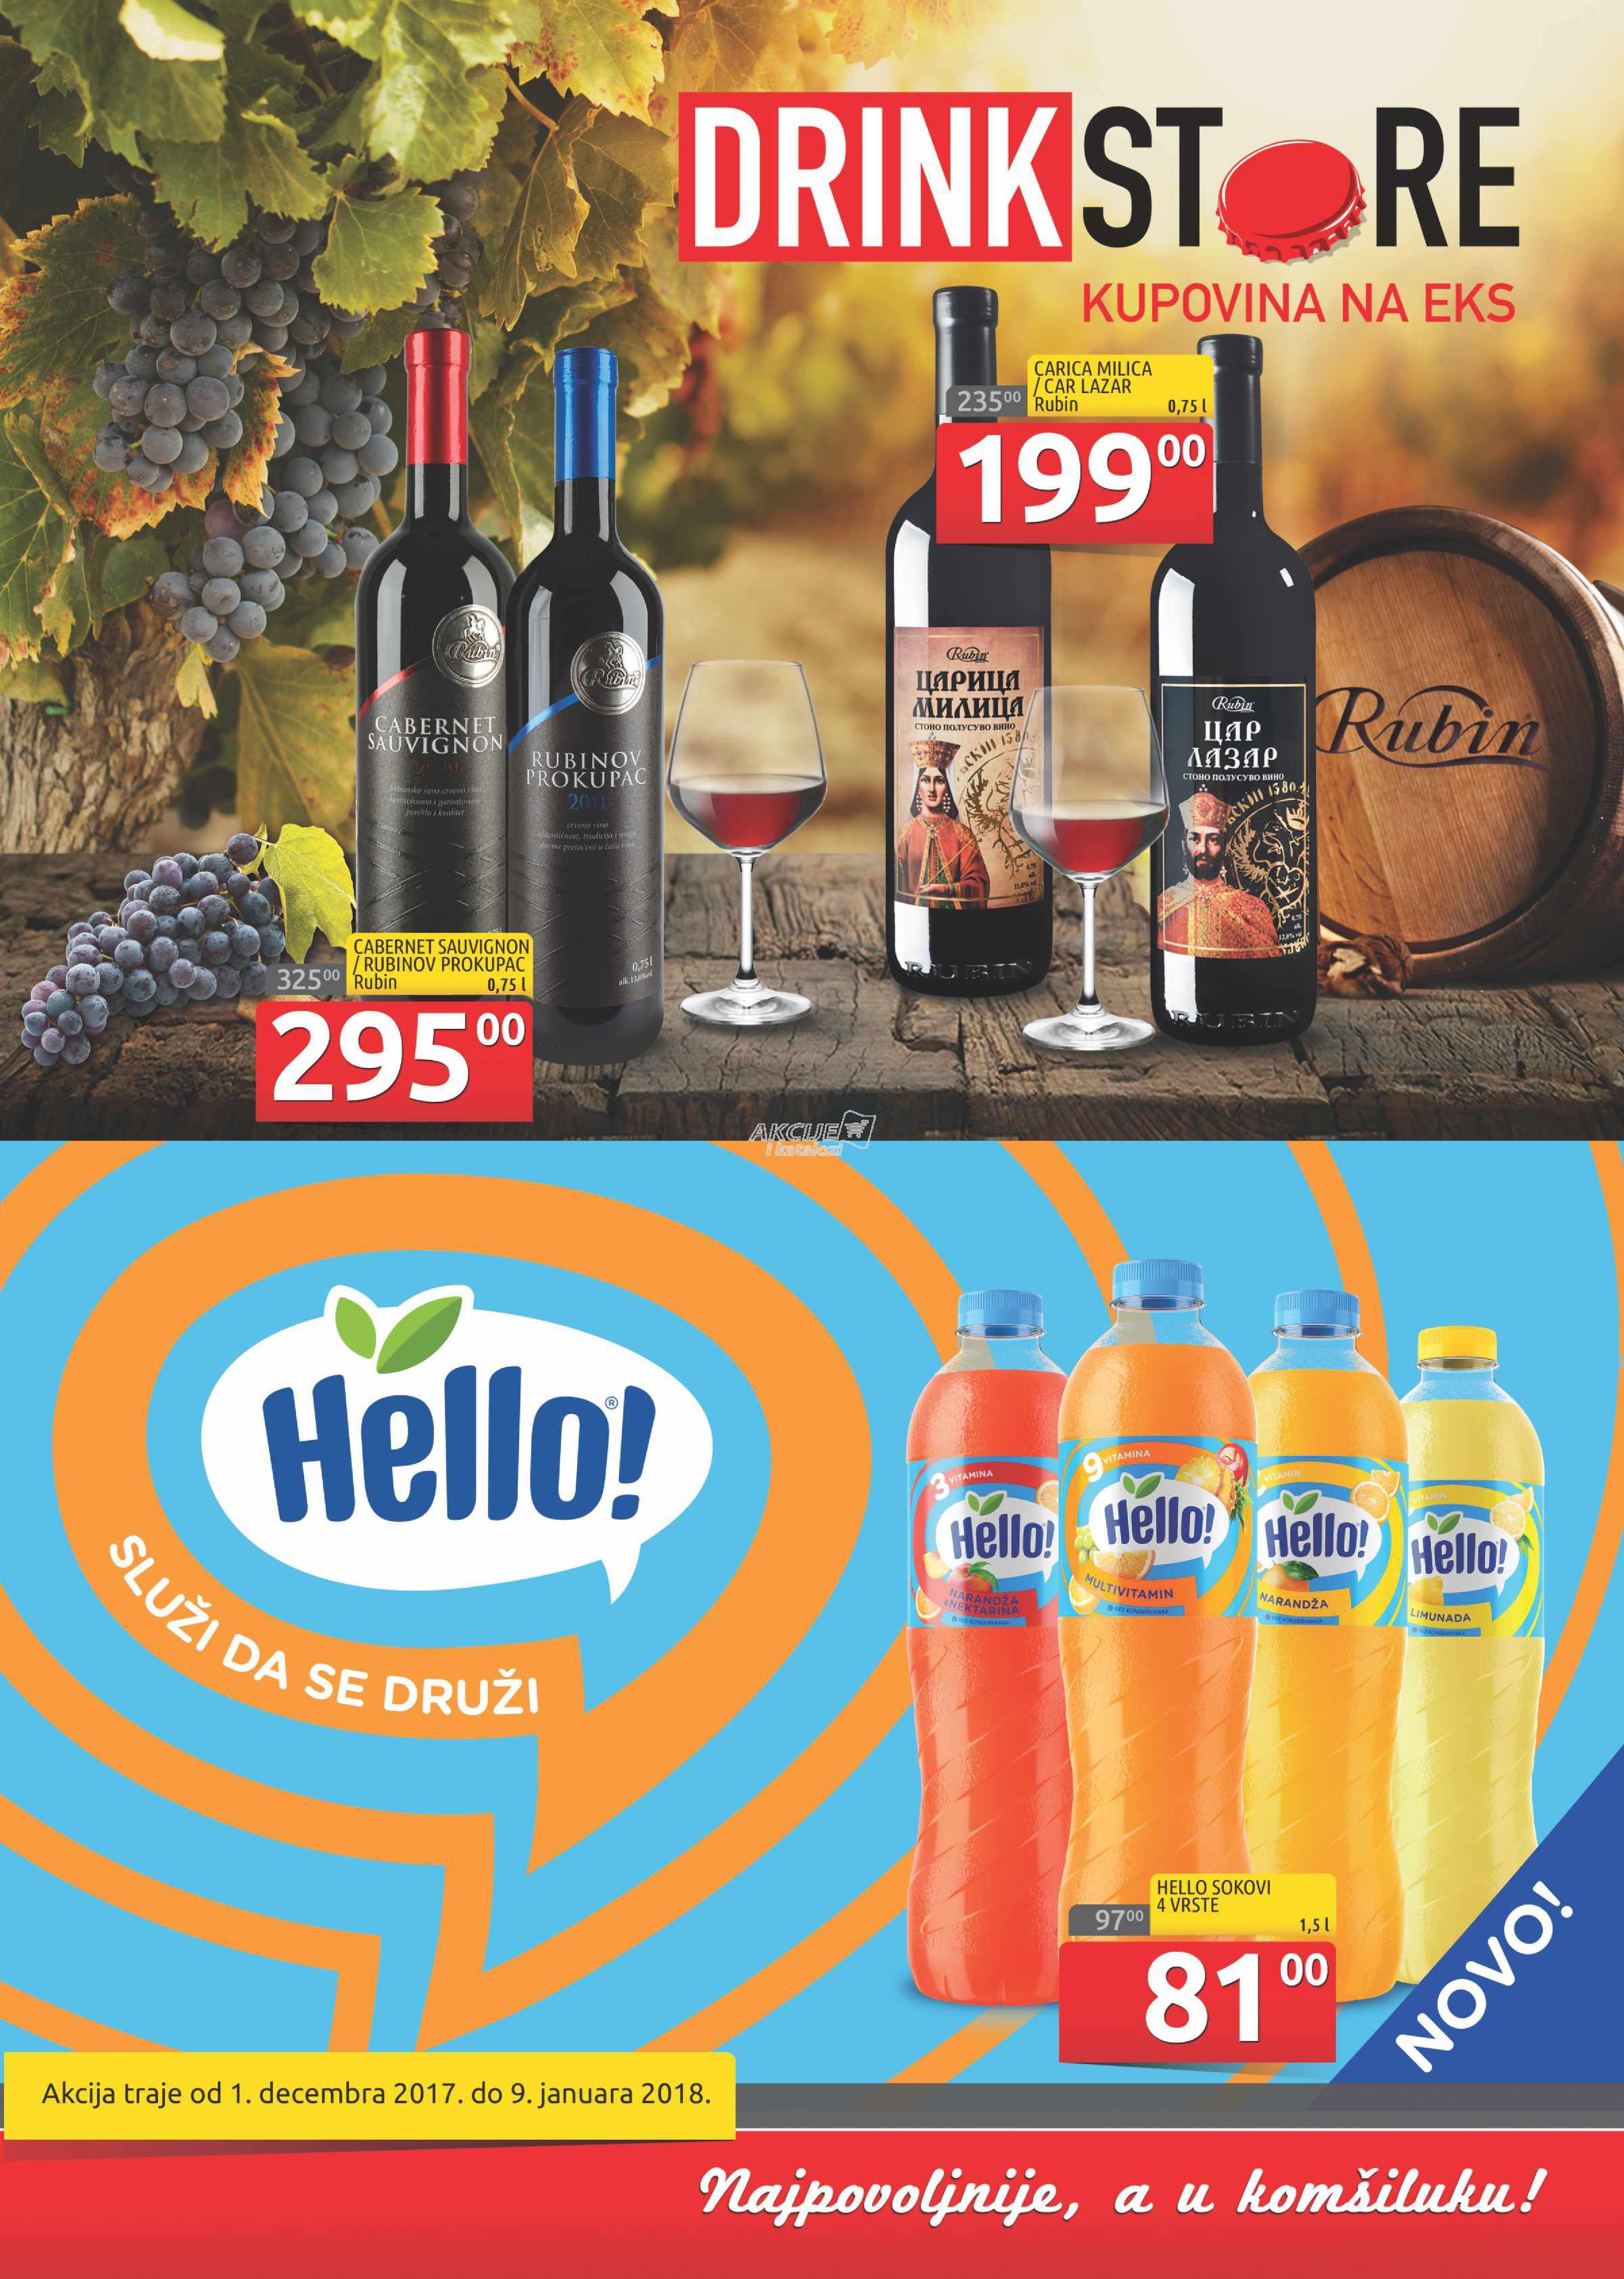 Drink Store akcija praznične kupovine